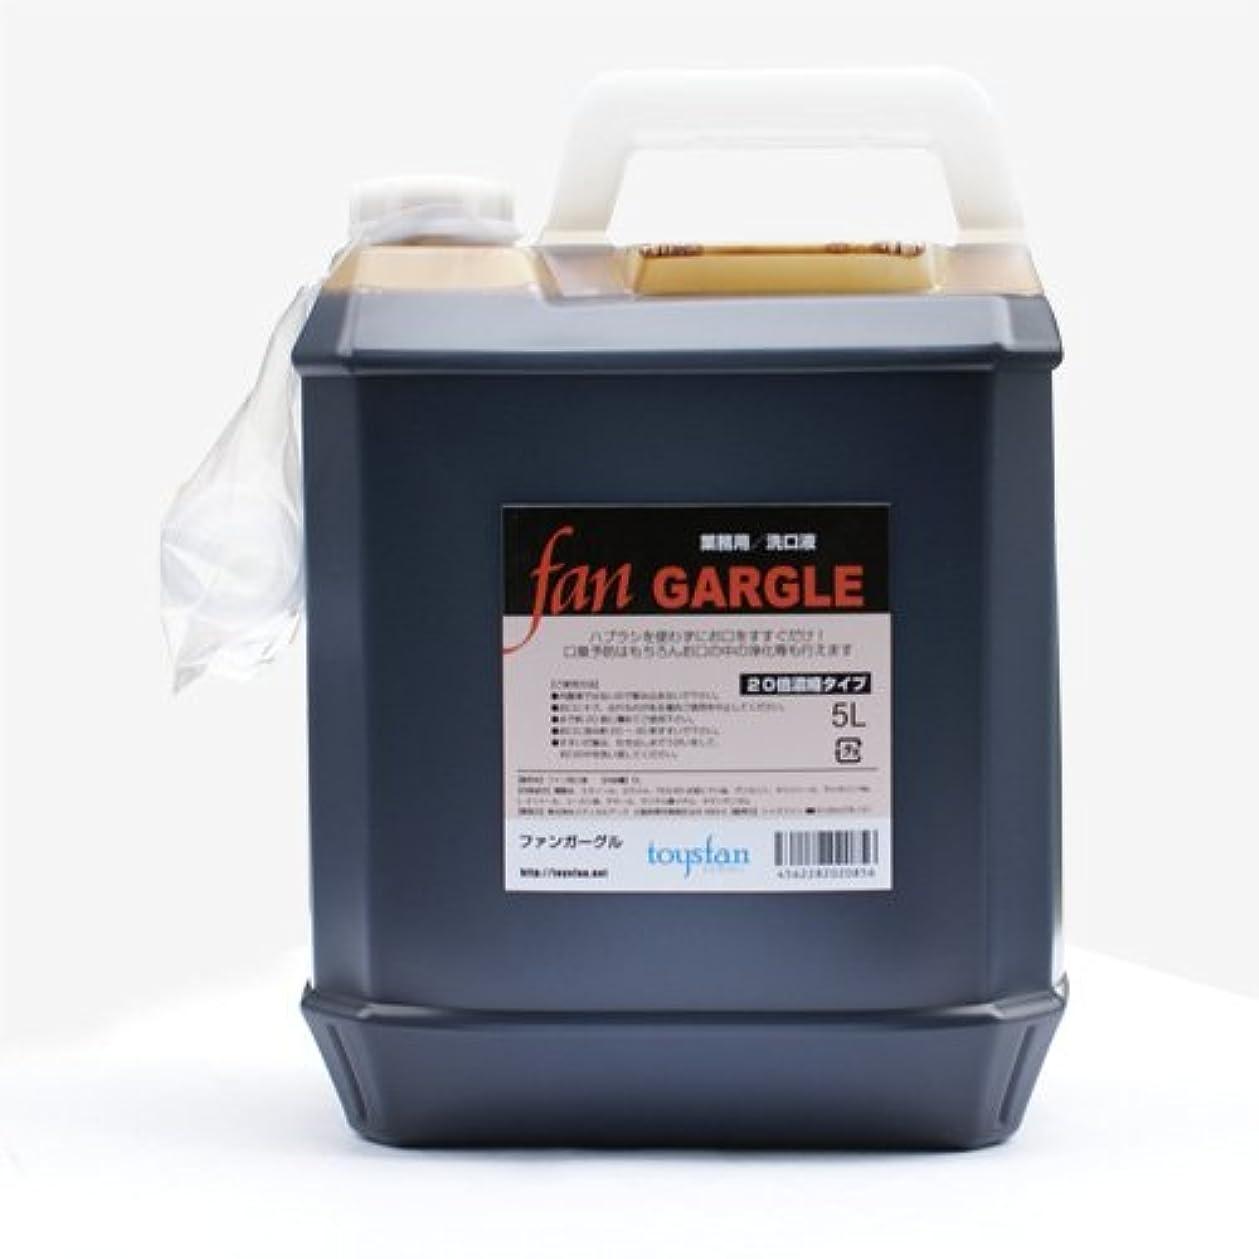 資金帳面滝ファンガーグル 5L(20倍濃縮)業務用洗口液